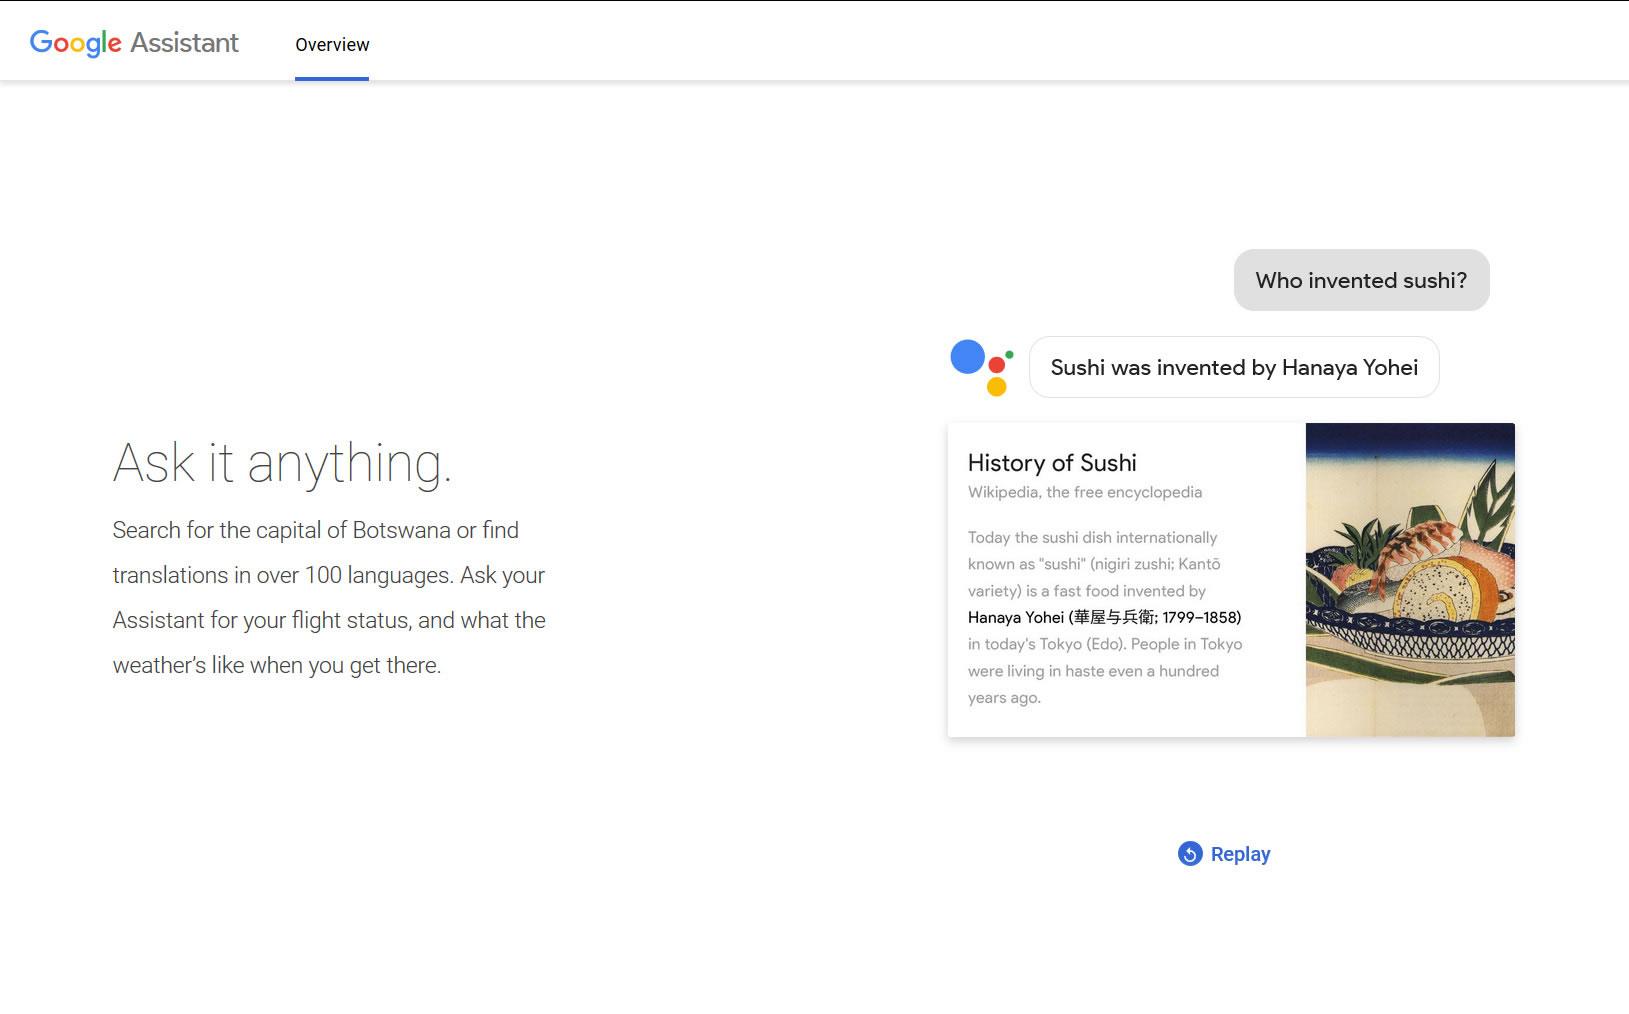 asistente de voz: Google Asistant